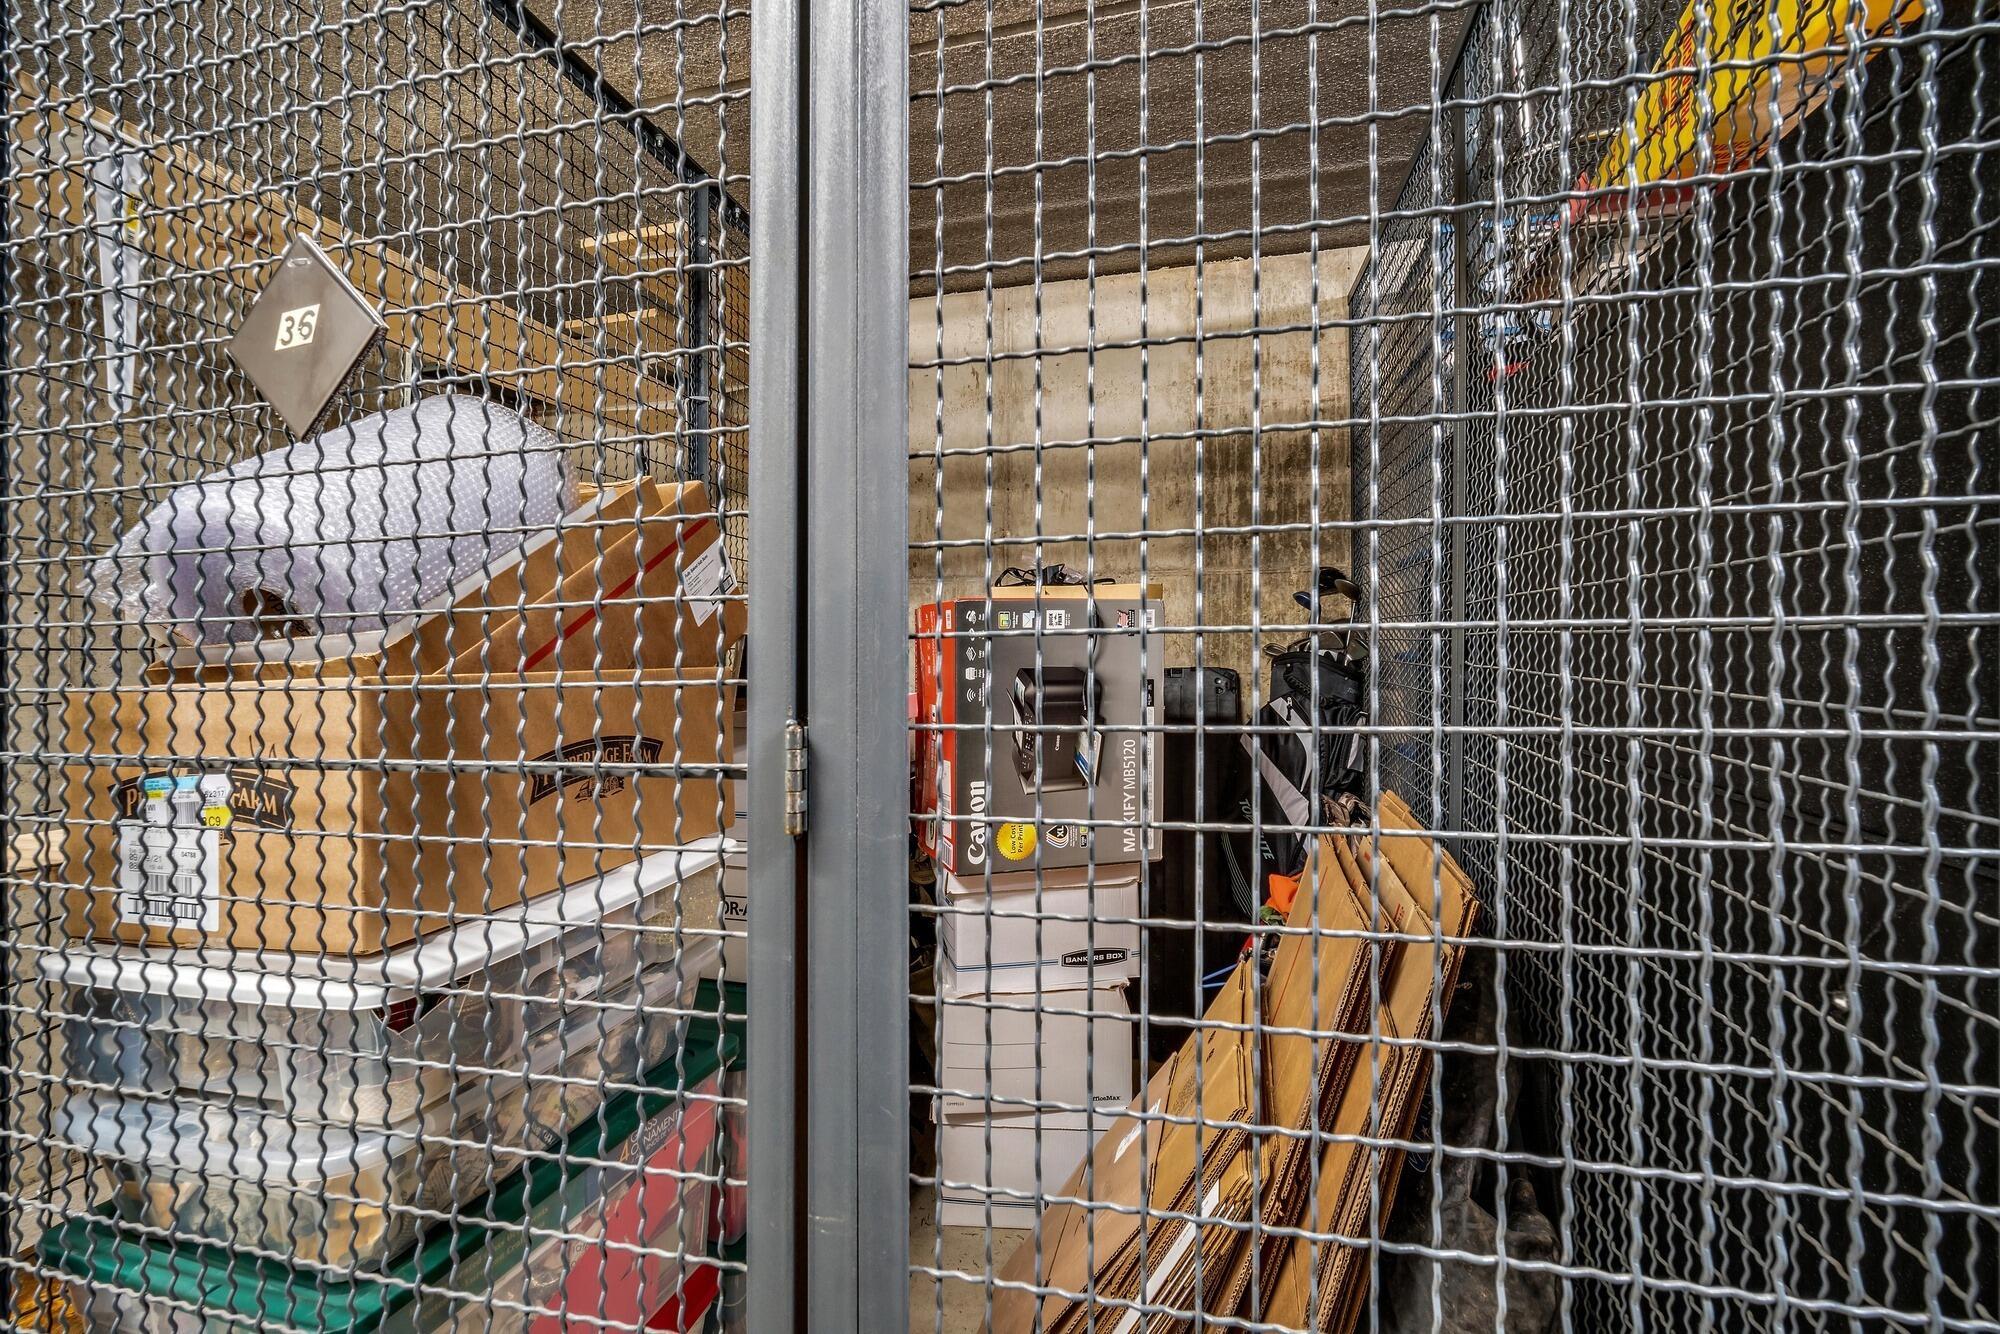 Storage locker in parking garage #36